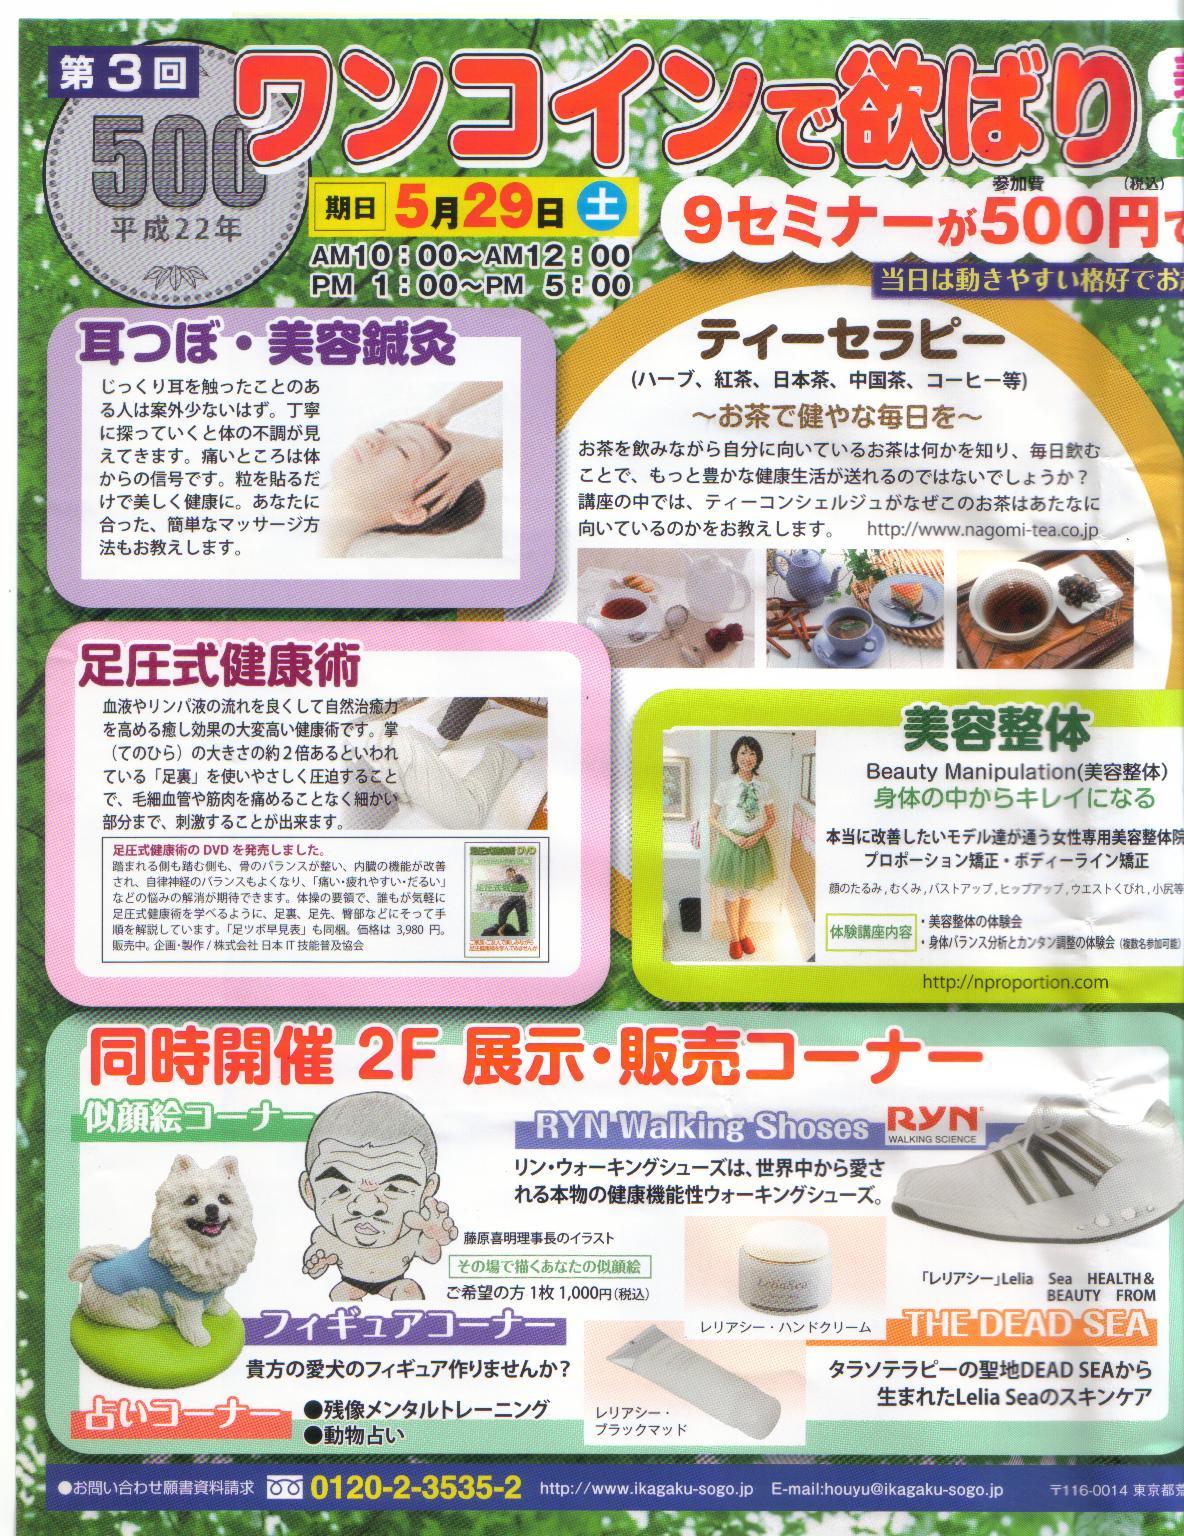 ワンコインイベント-お知らせ①-_f0170915_16335322.jpg